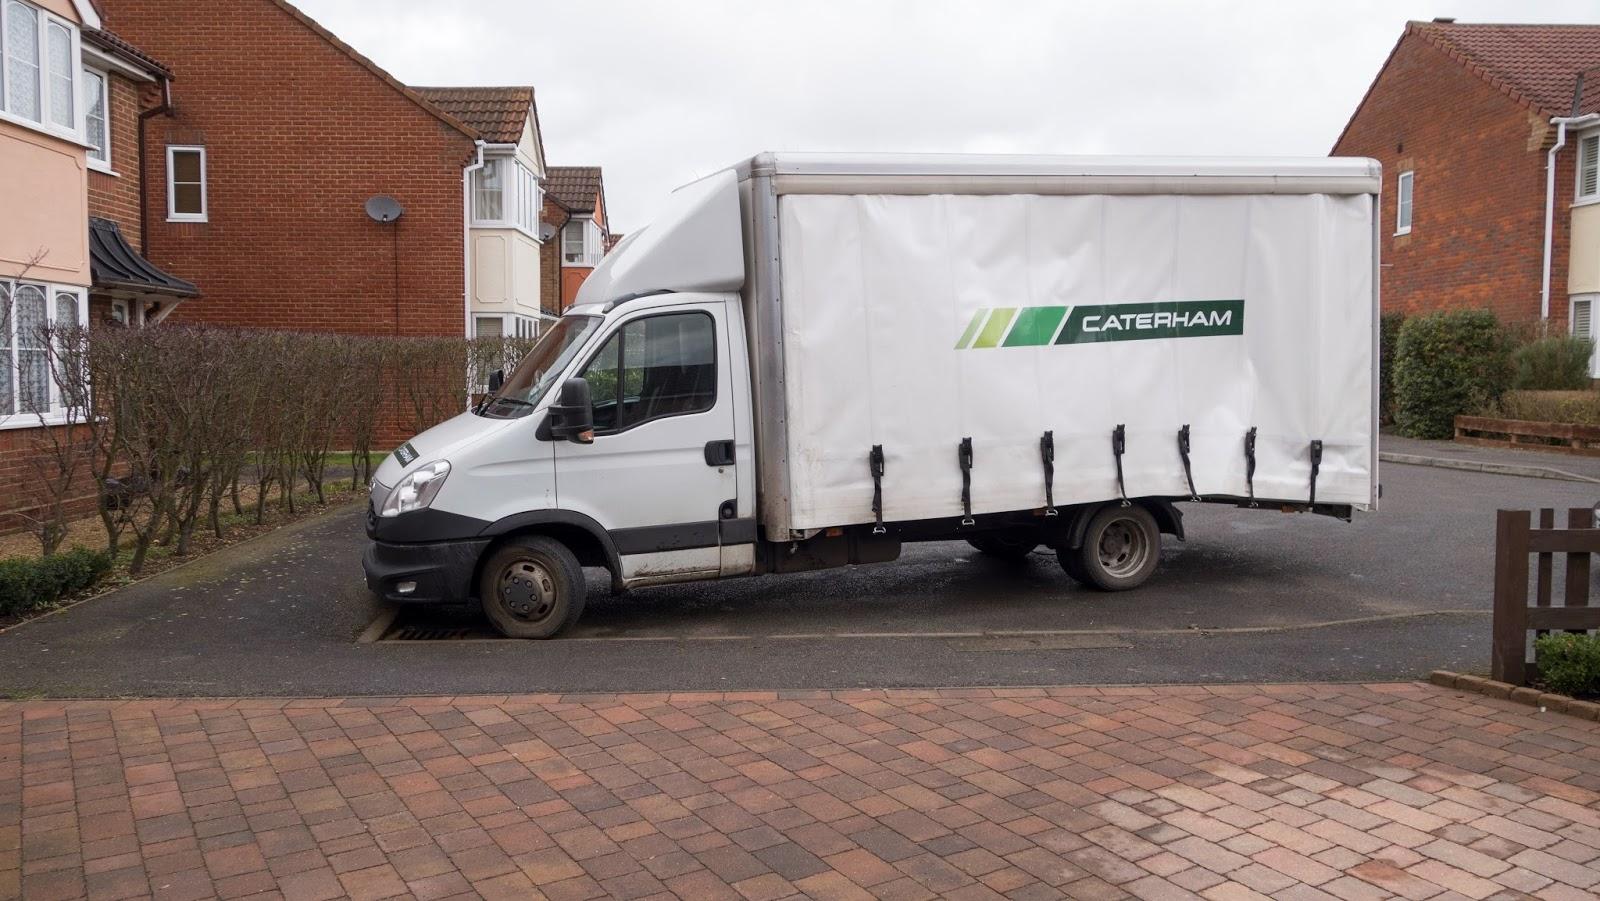 Ian's Caterham delivery van